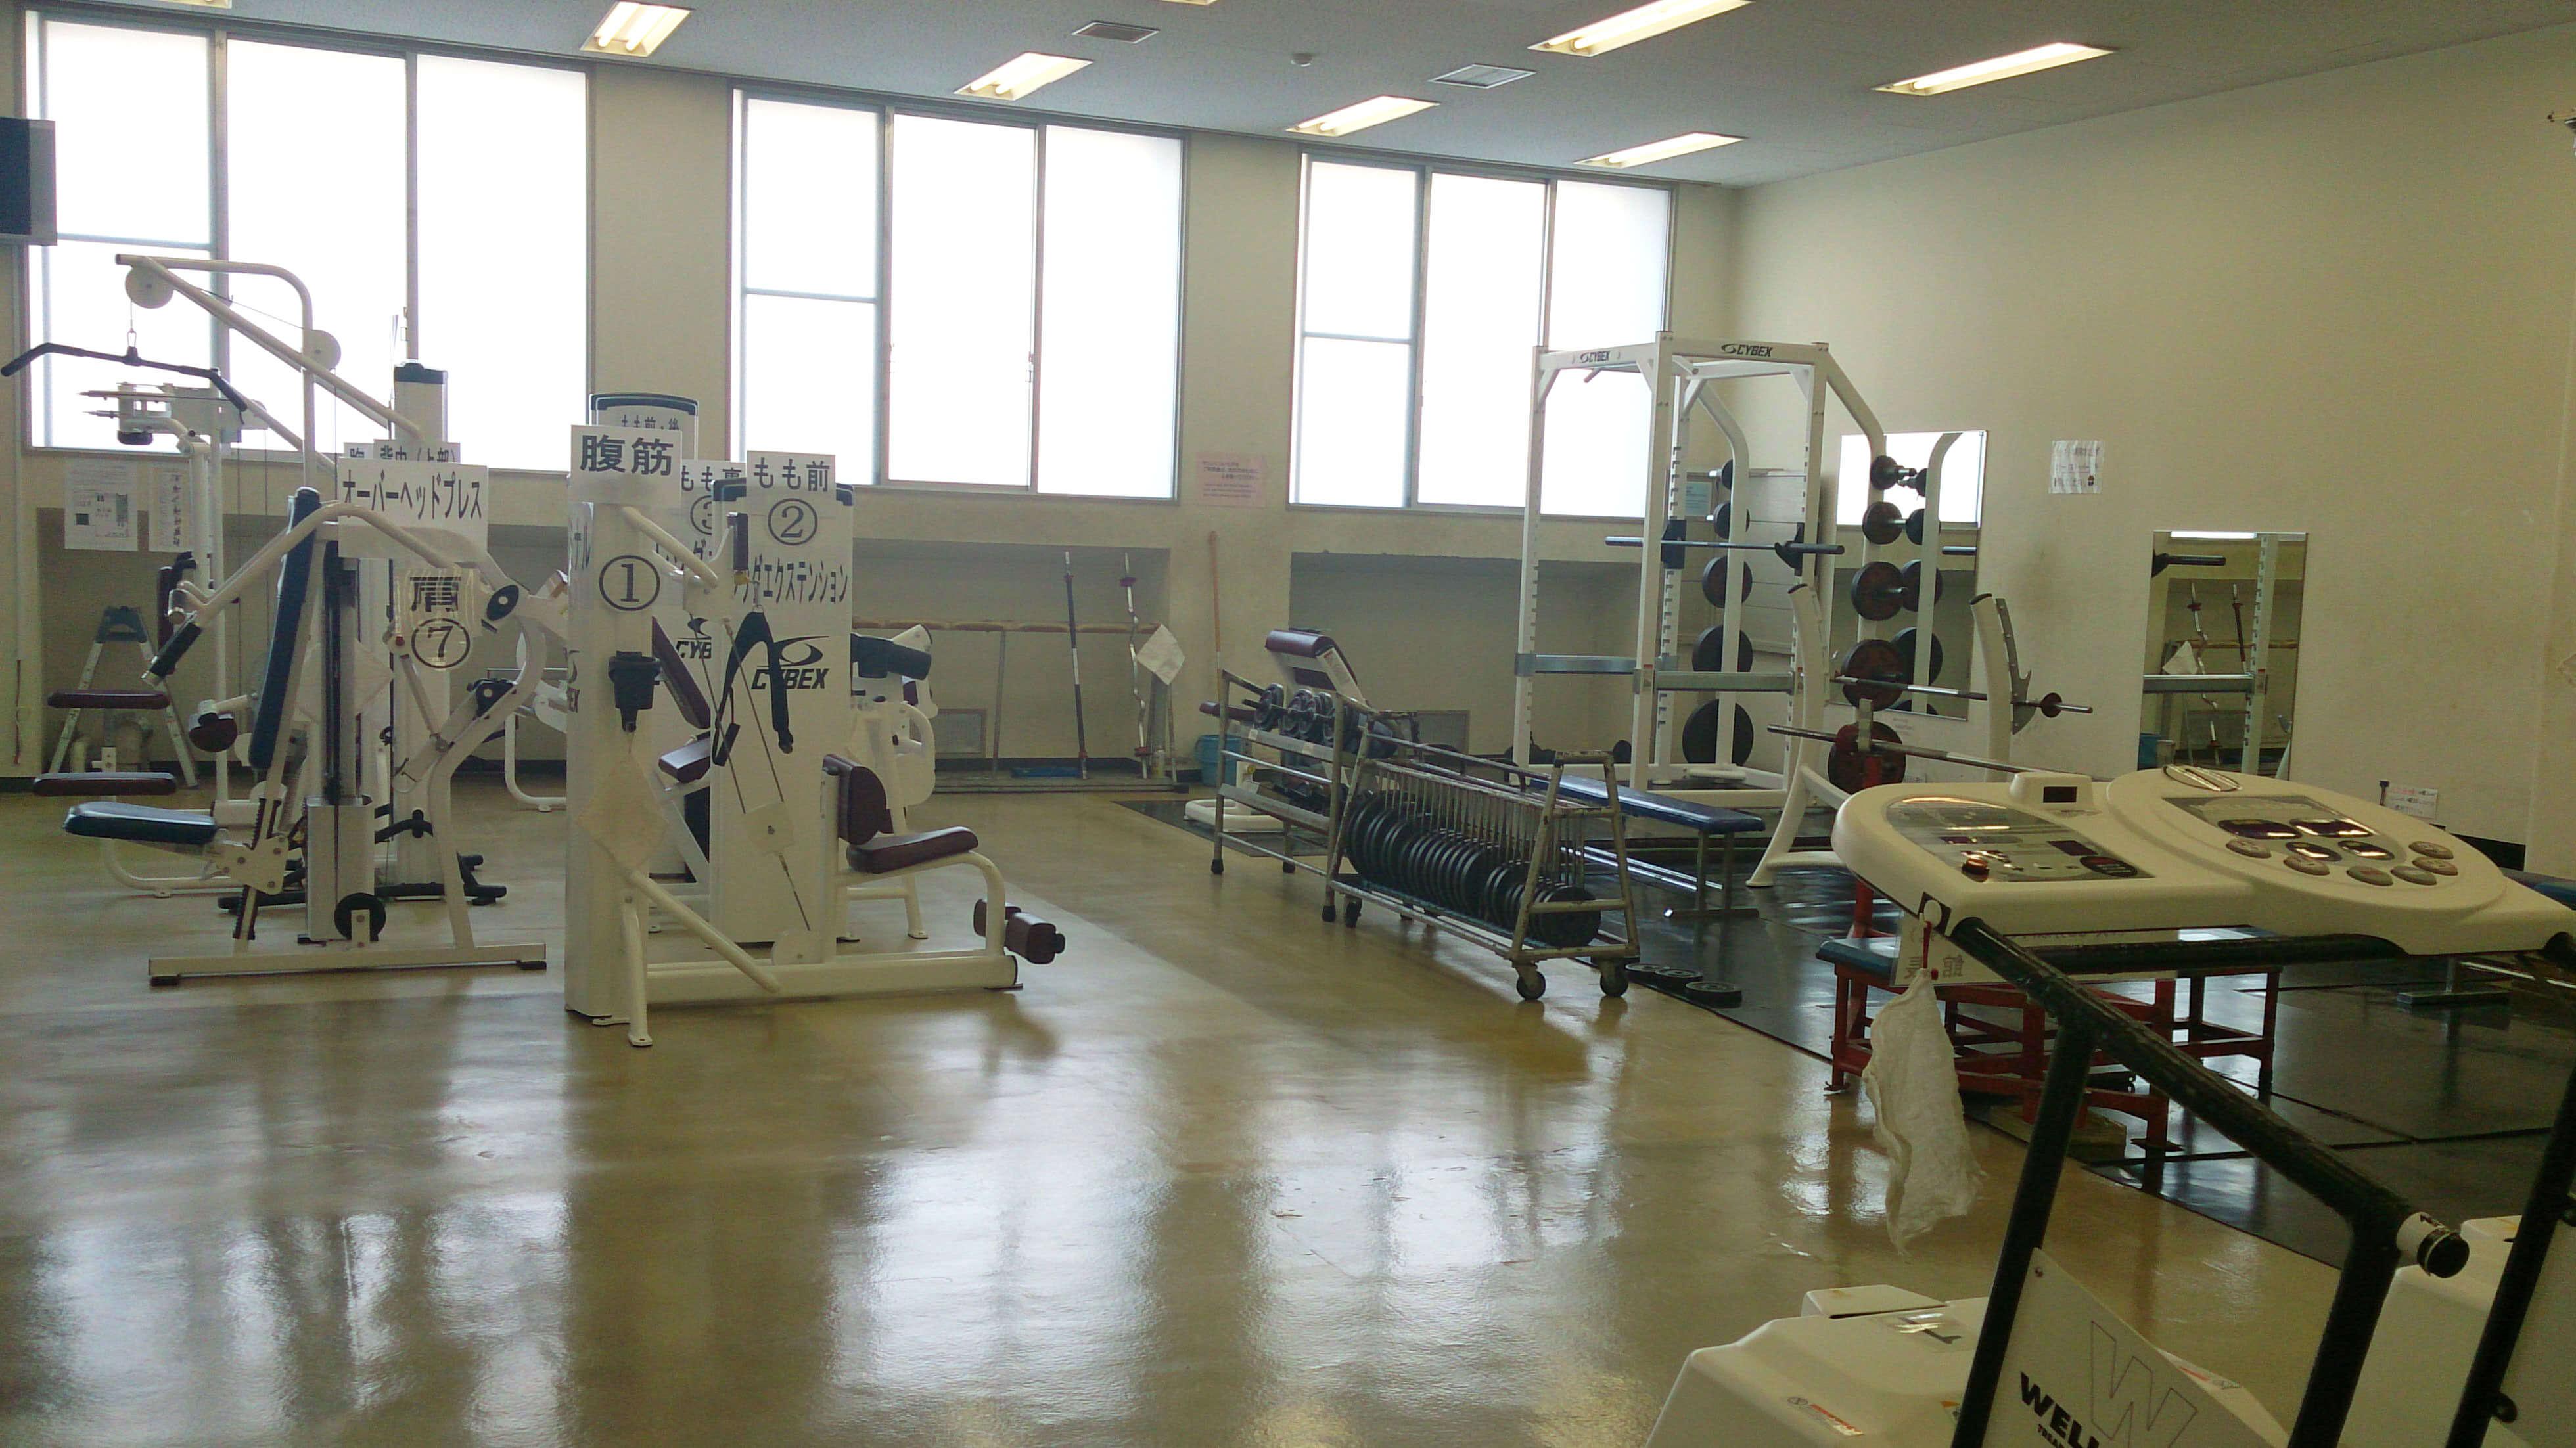 福祉体育館 トレーニングマシン